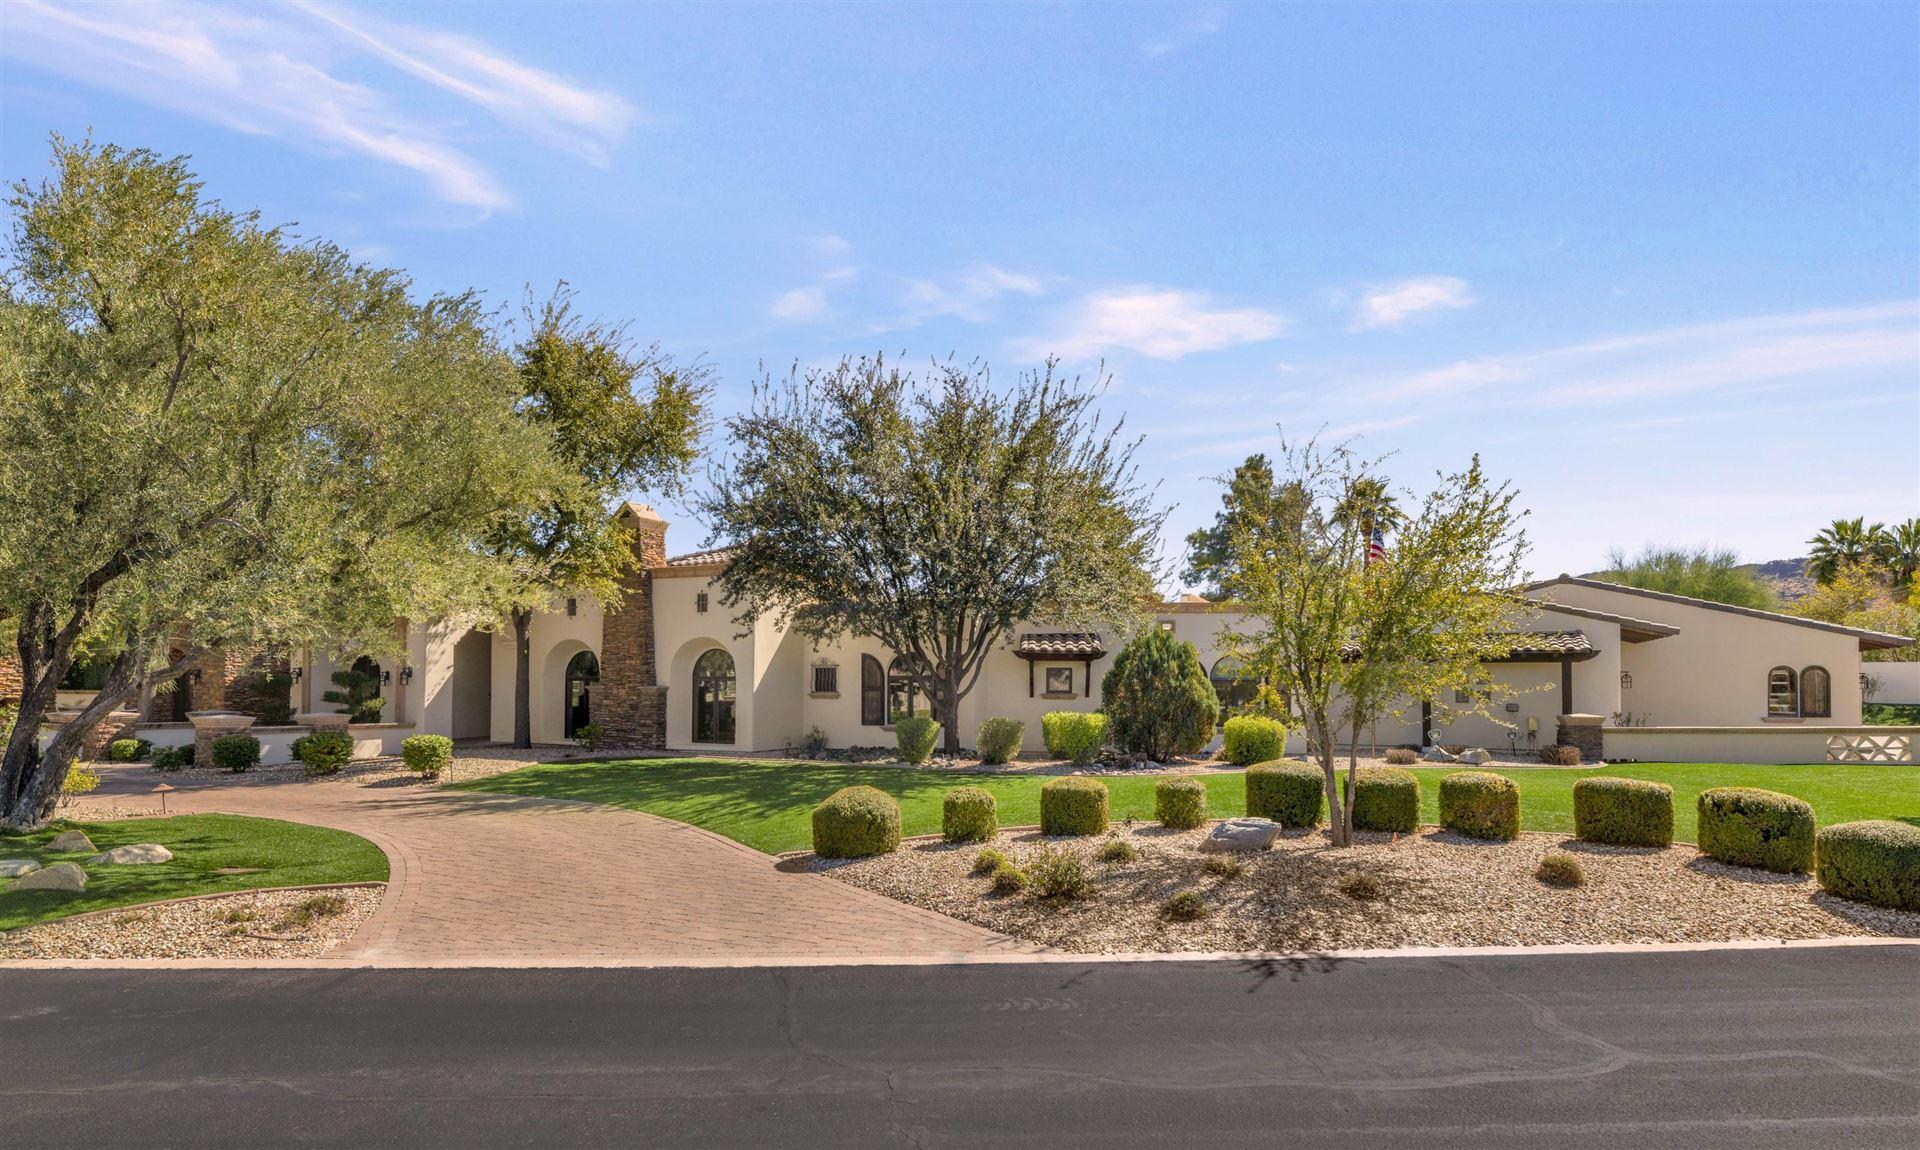 8035 N IRONWOOD Drive, Paradise Valley, AZ 85253 - MLS#: 6215140